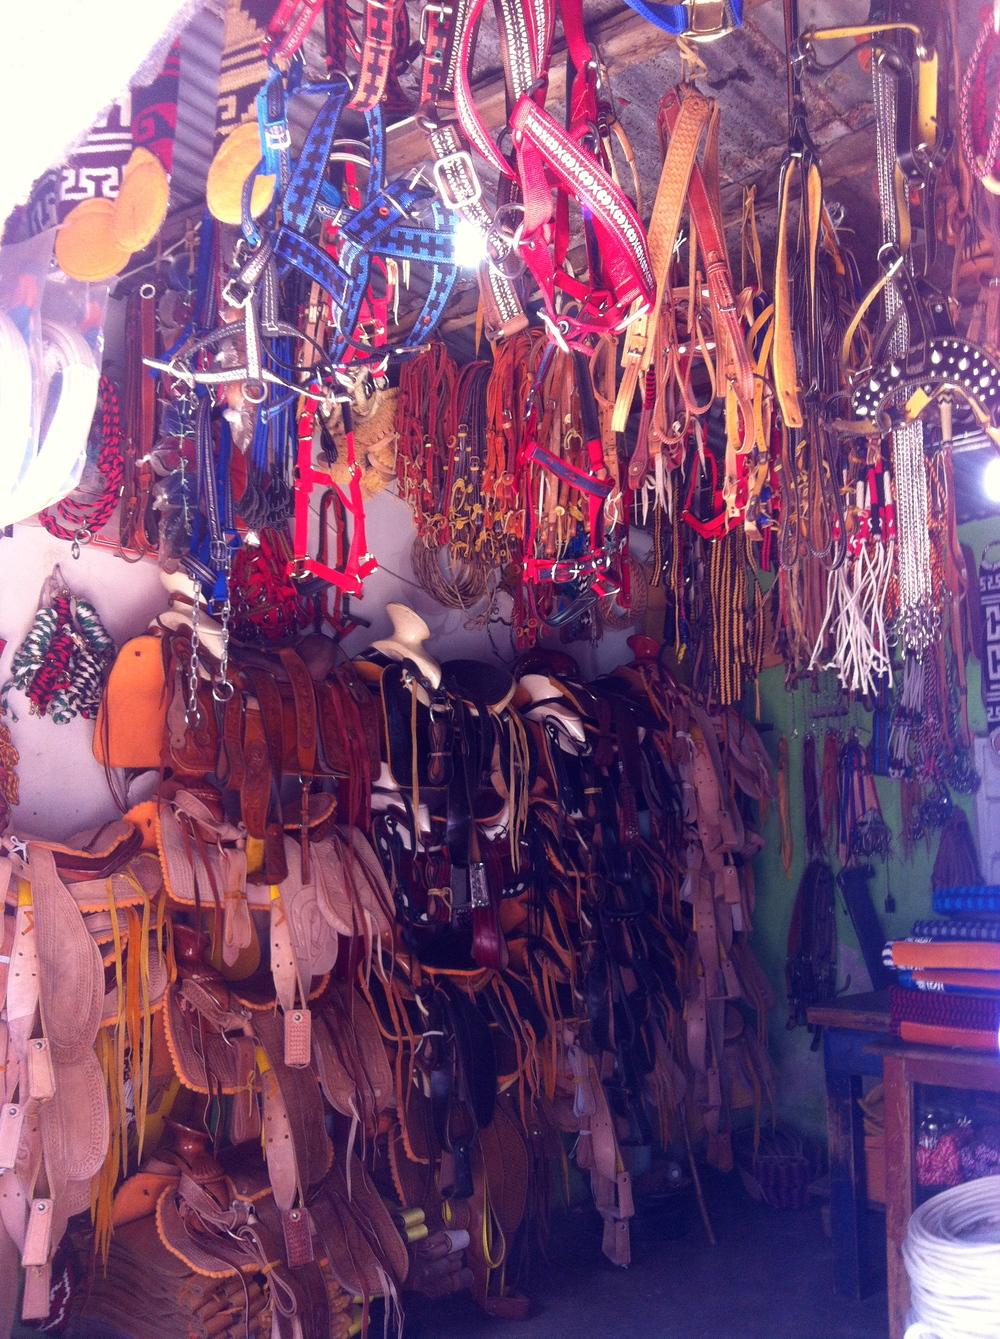 Saddle store